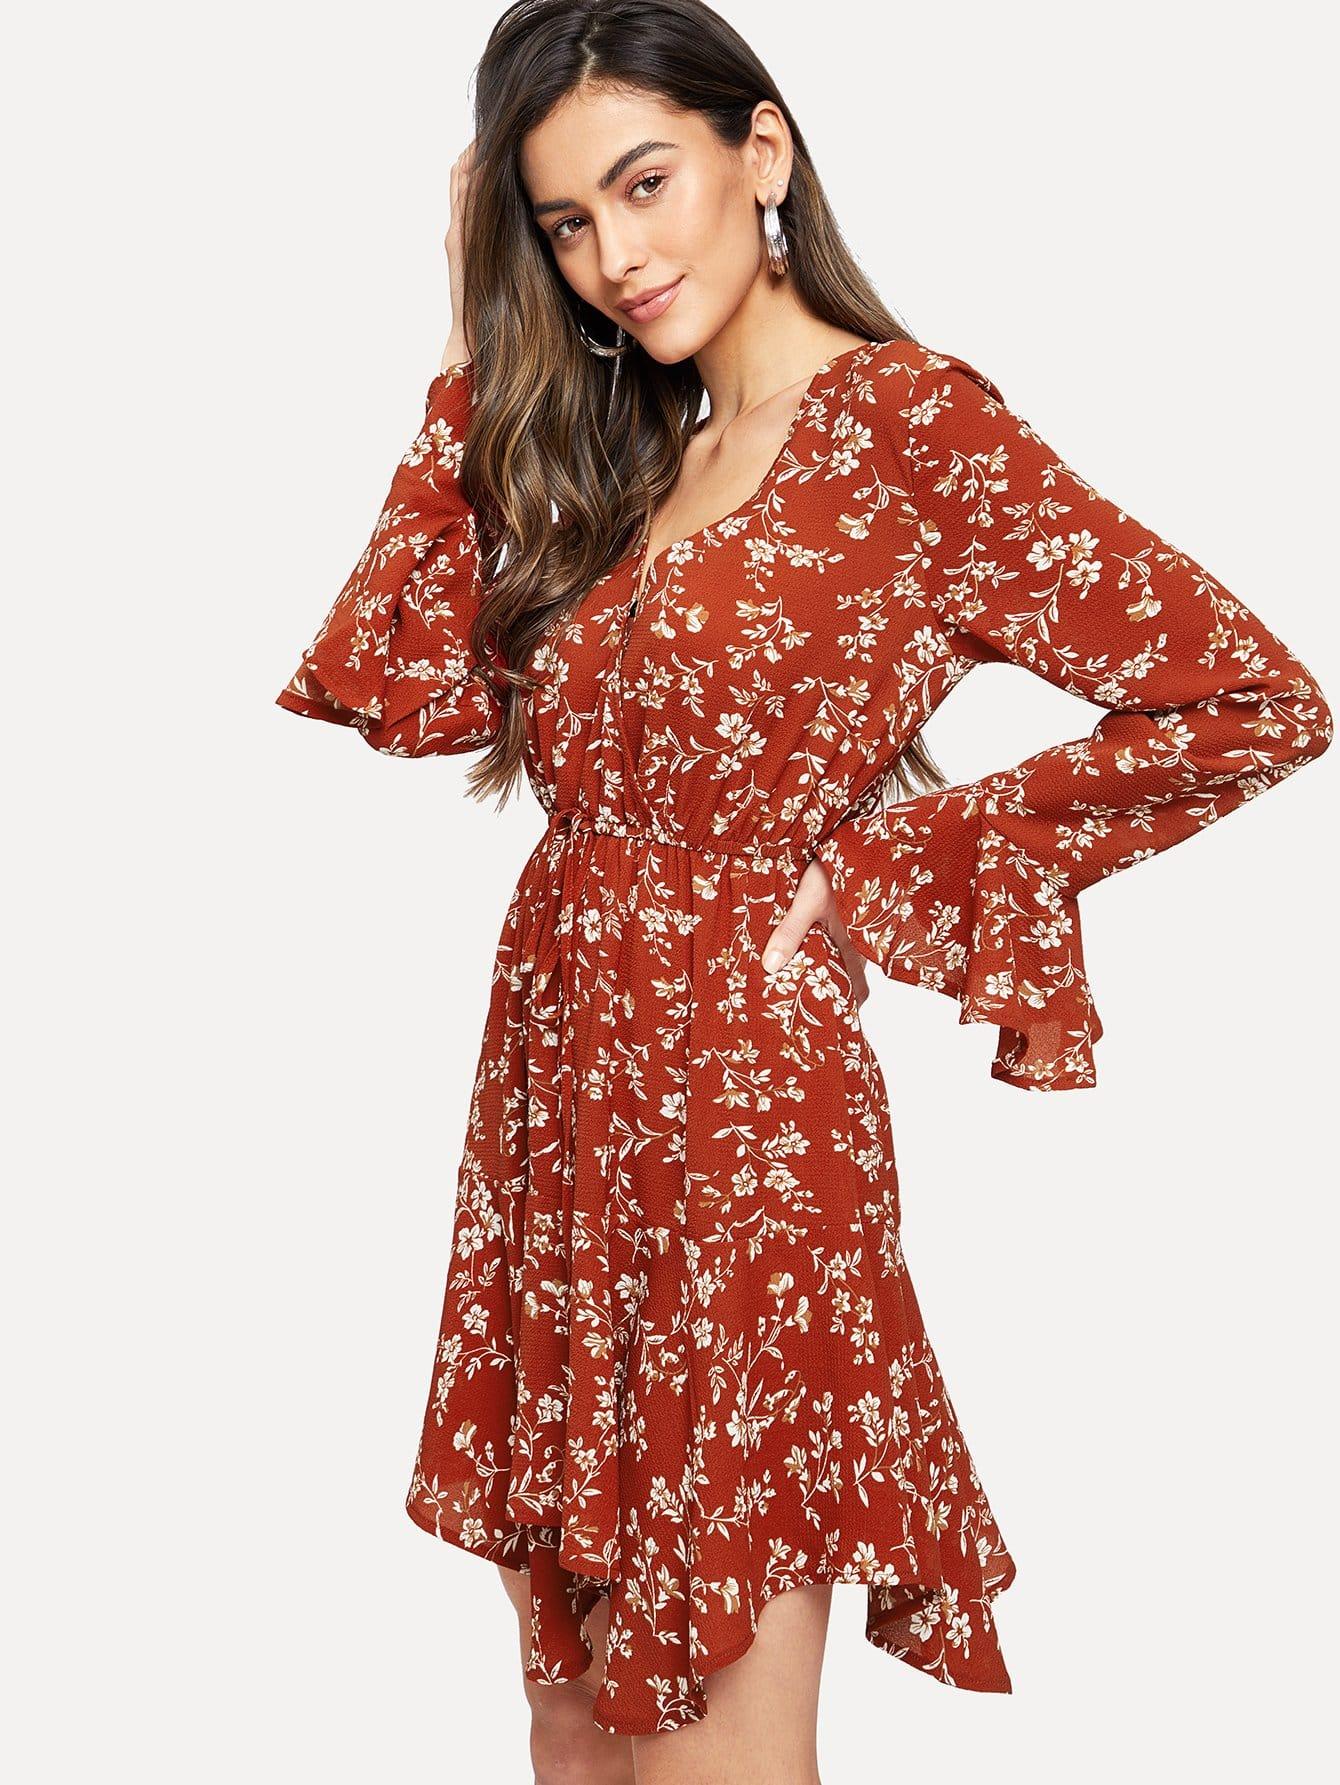 Фото - Платье с глубоким v-образным вырезом с оборками рукавами от SheIn цвет красные